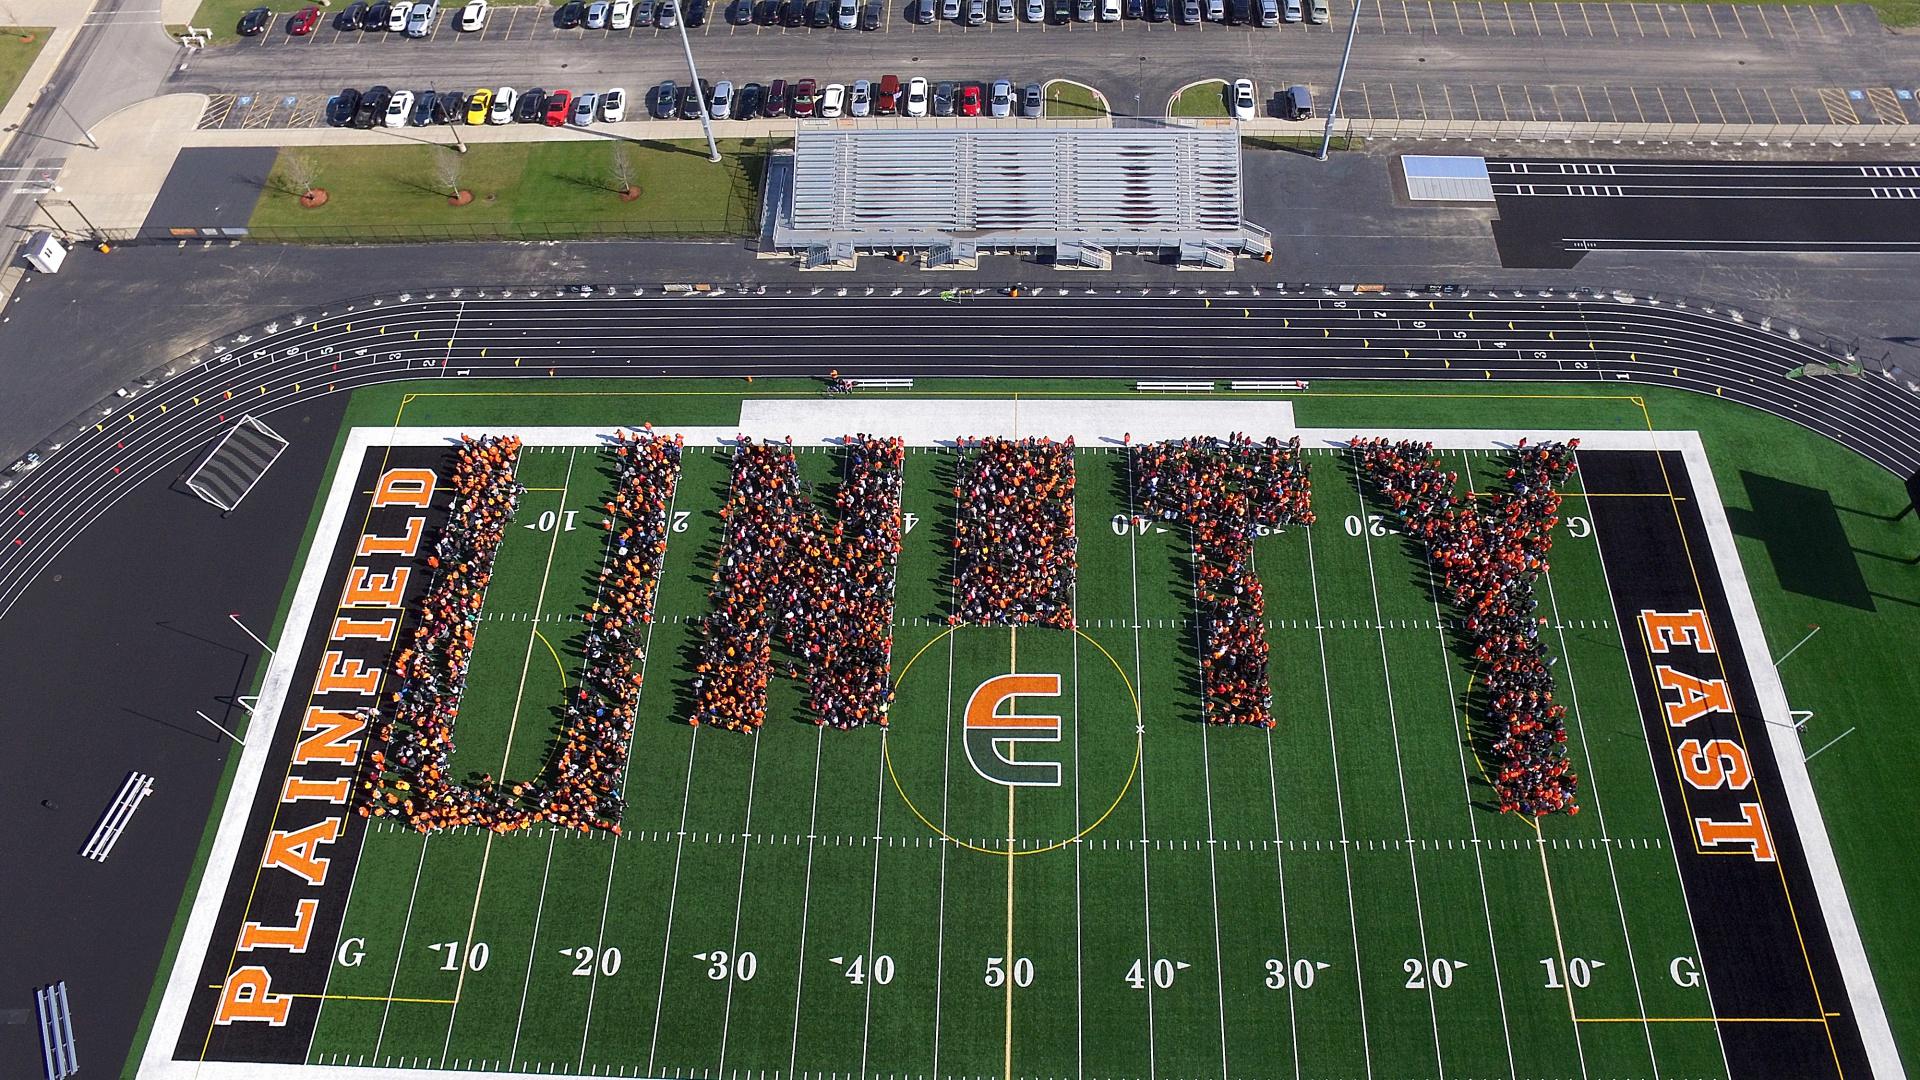 Plainfield East High School